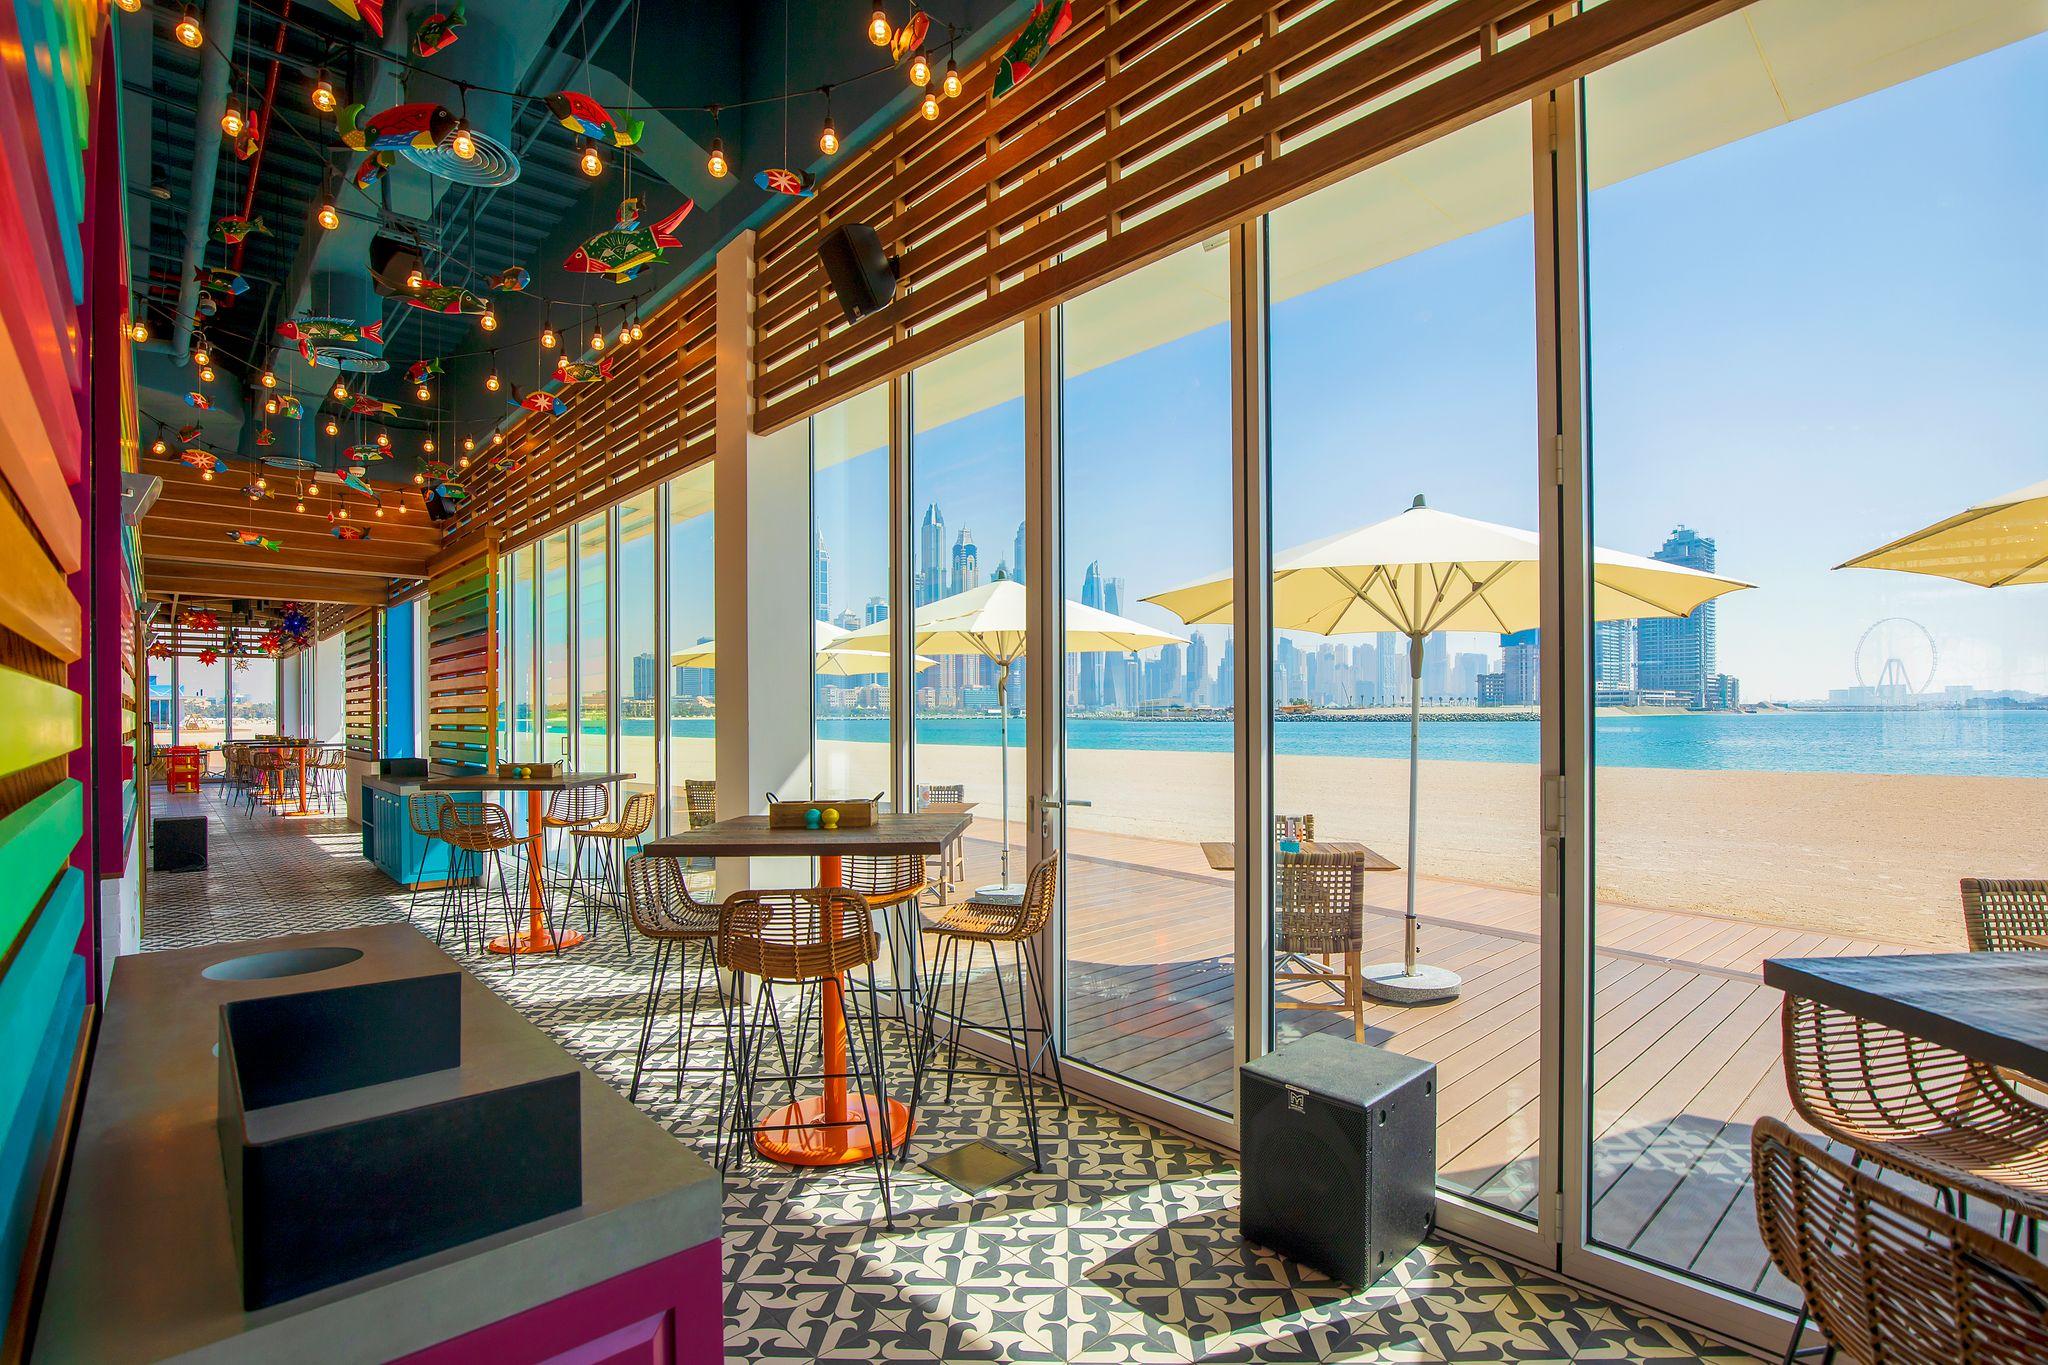 نظرة على مطعم Señor Pico للمأكولات المكسيكية في دبي